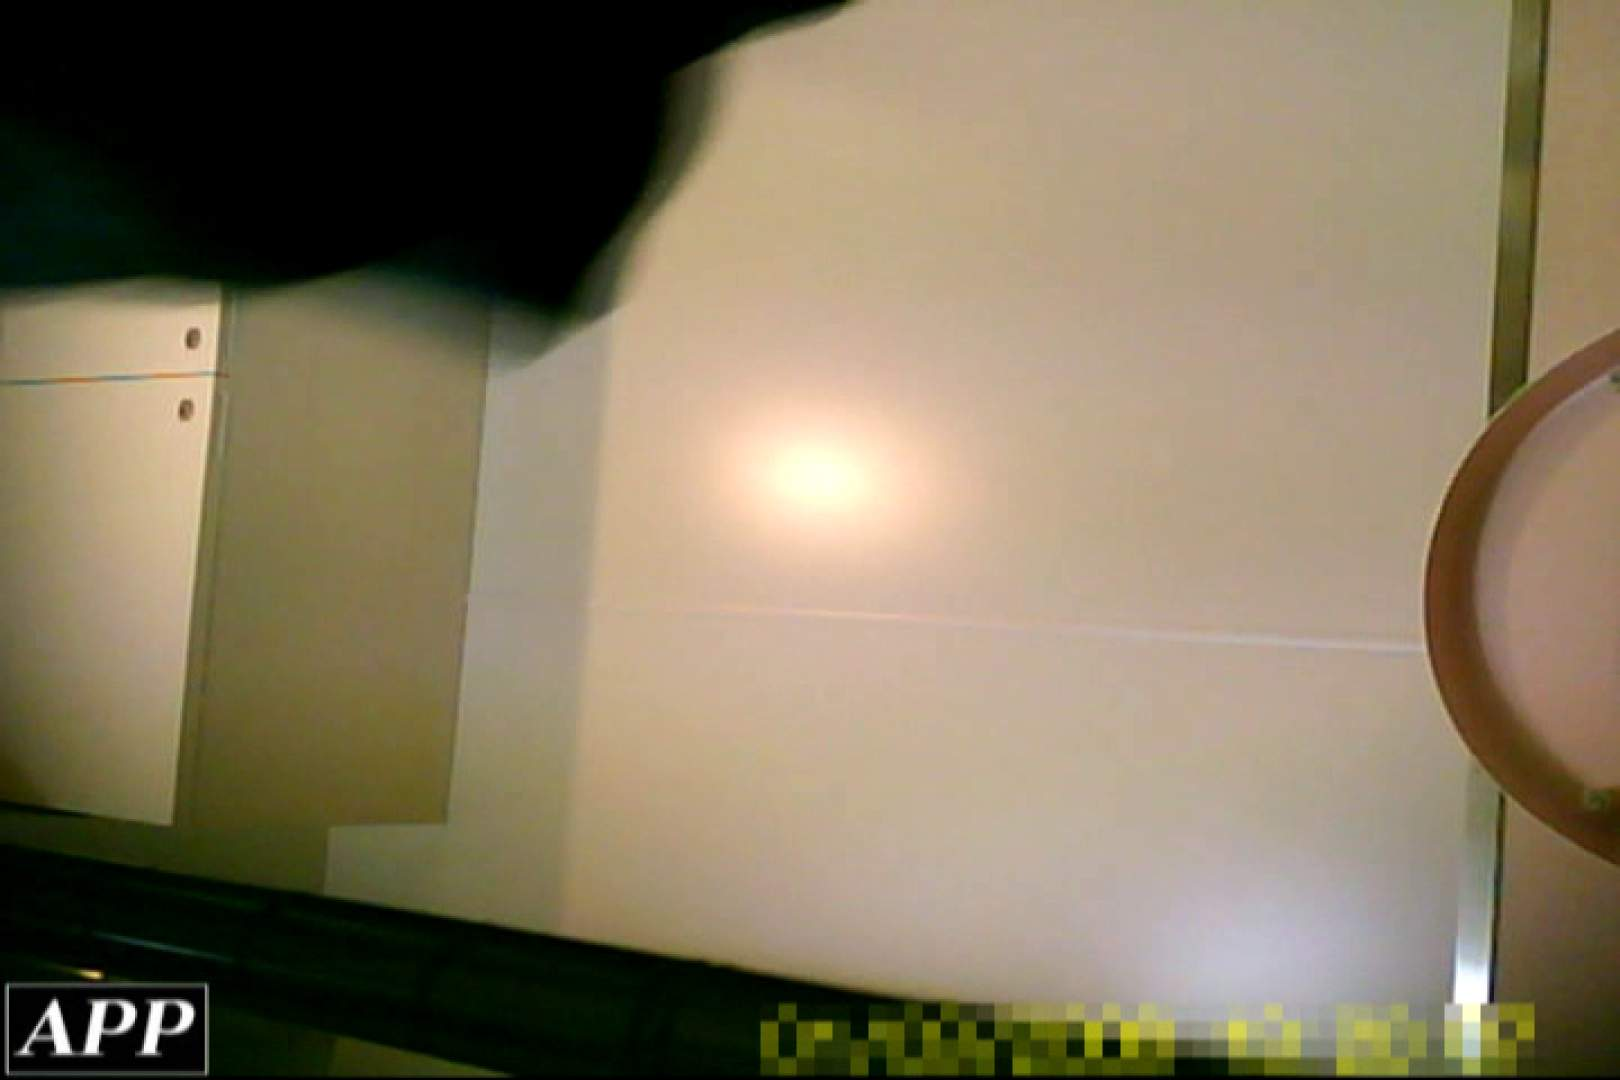 3視点洗面所 vol.61 リアル・マンコ オメコ動画キャプチャ 82pic 58